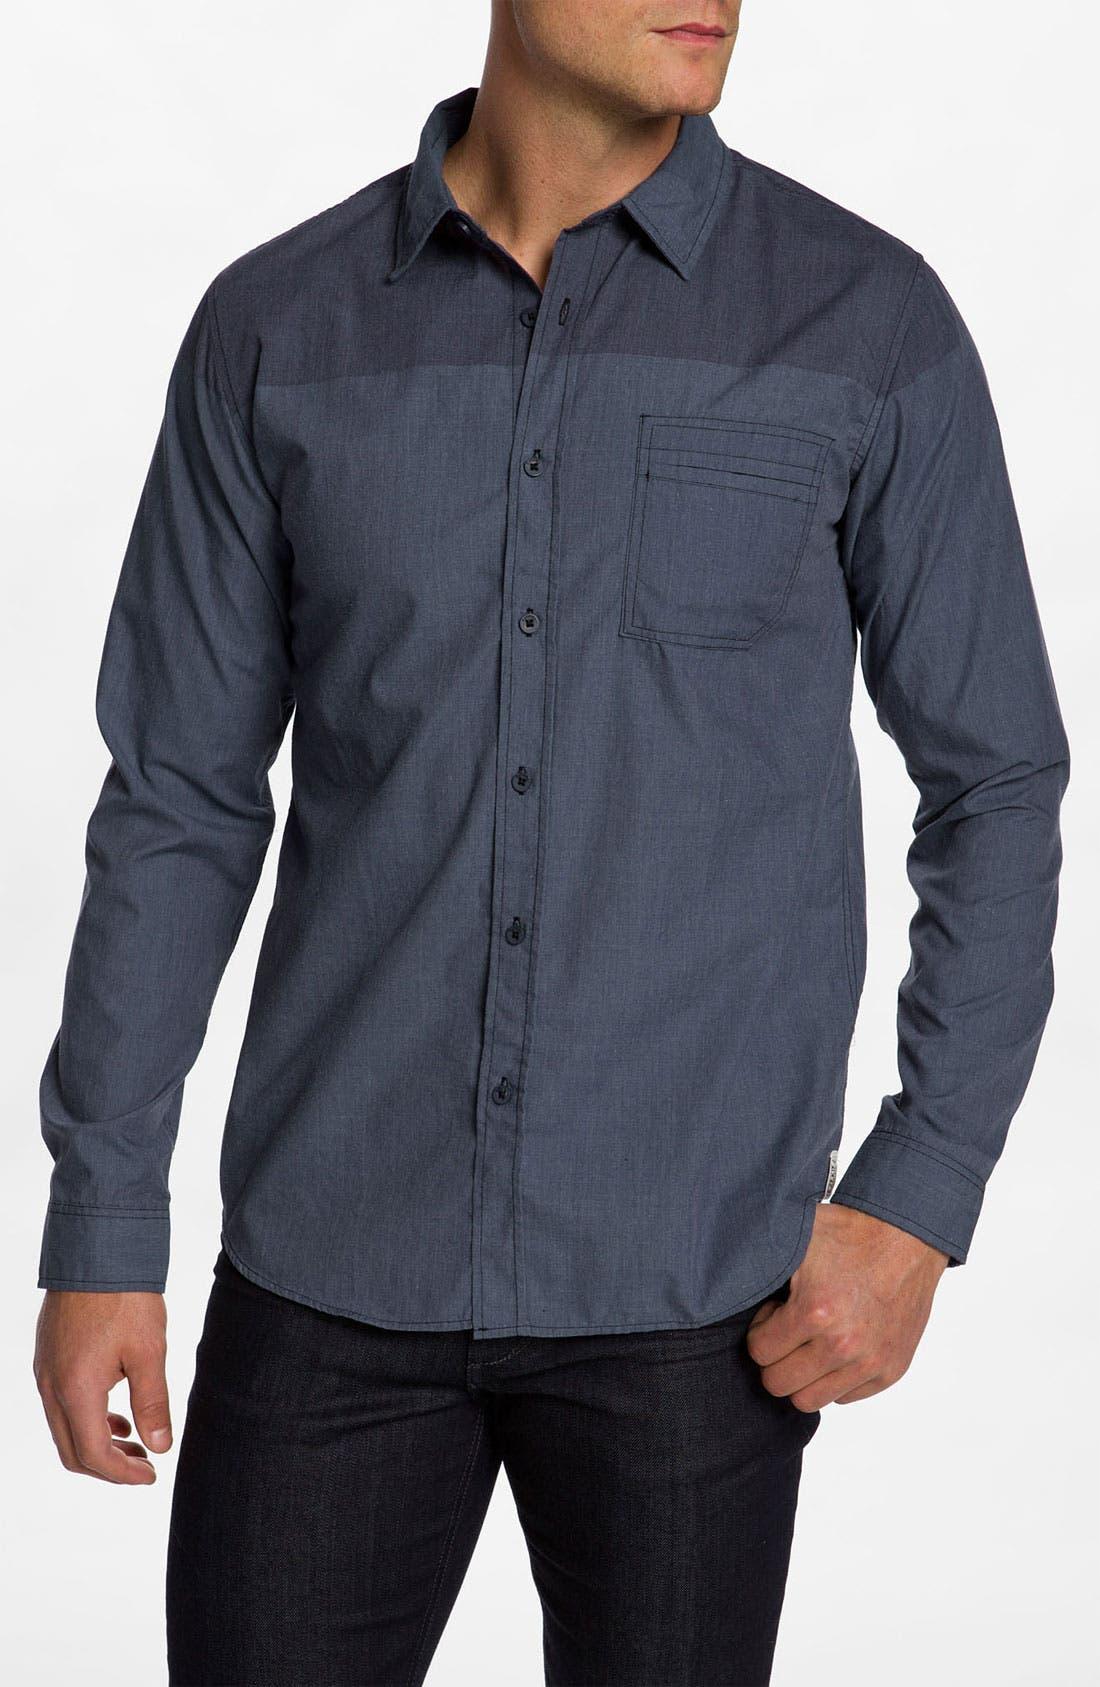 Main Image - Ezekiel 'Graceland' Chambray Shirt